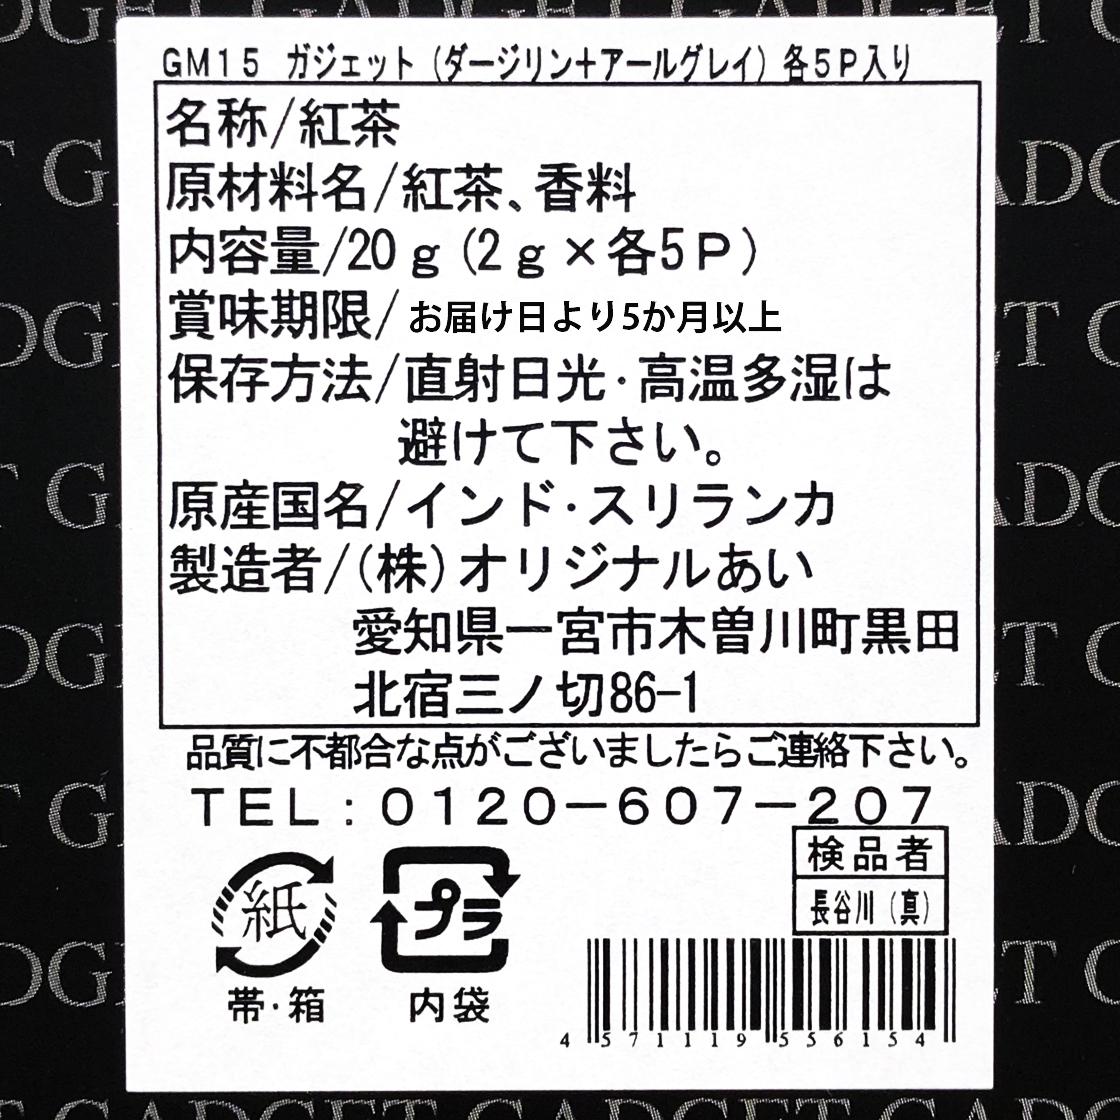 ガジェット/ティーバッグセット 12